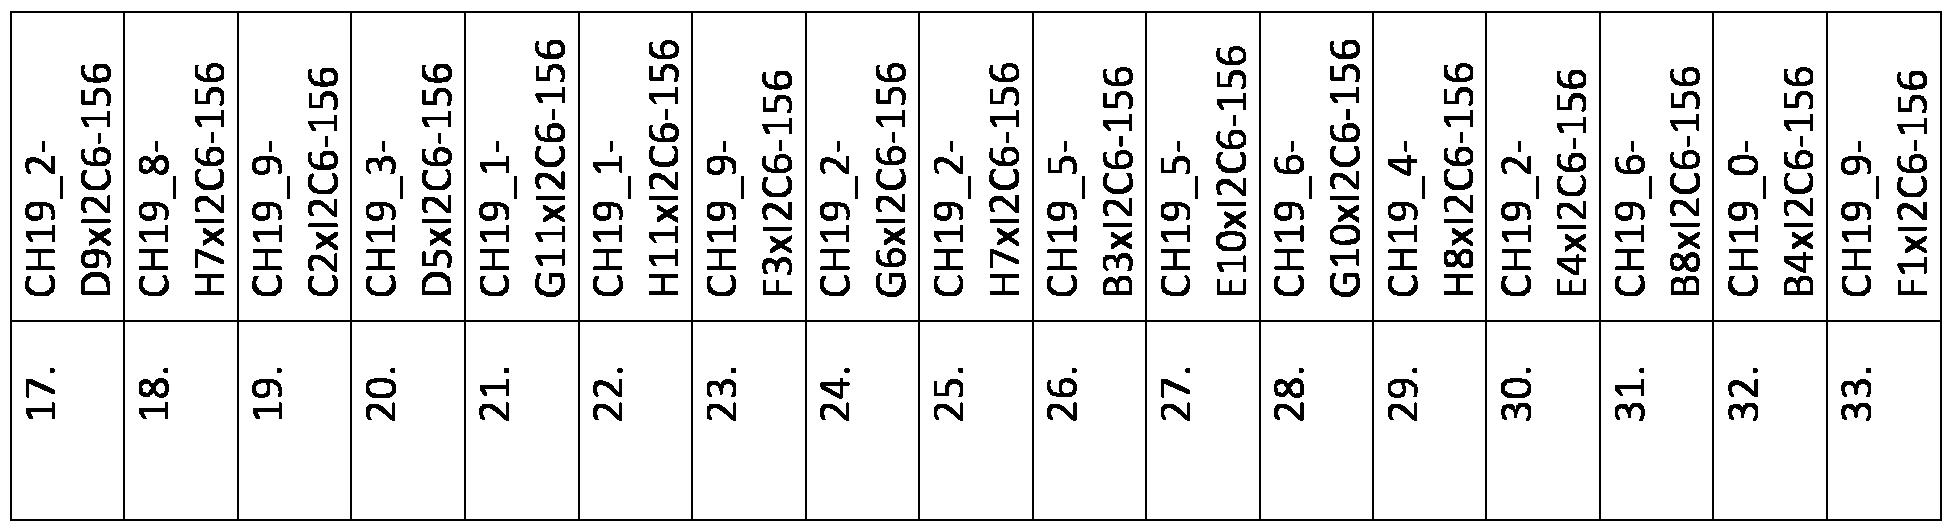 Figure imgf000090_0002